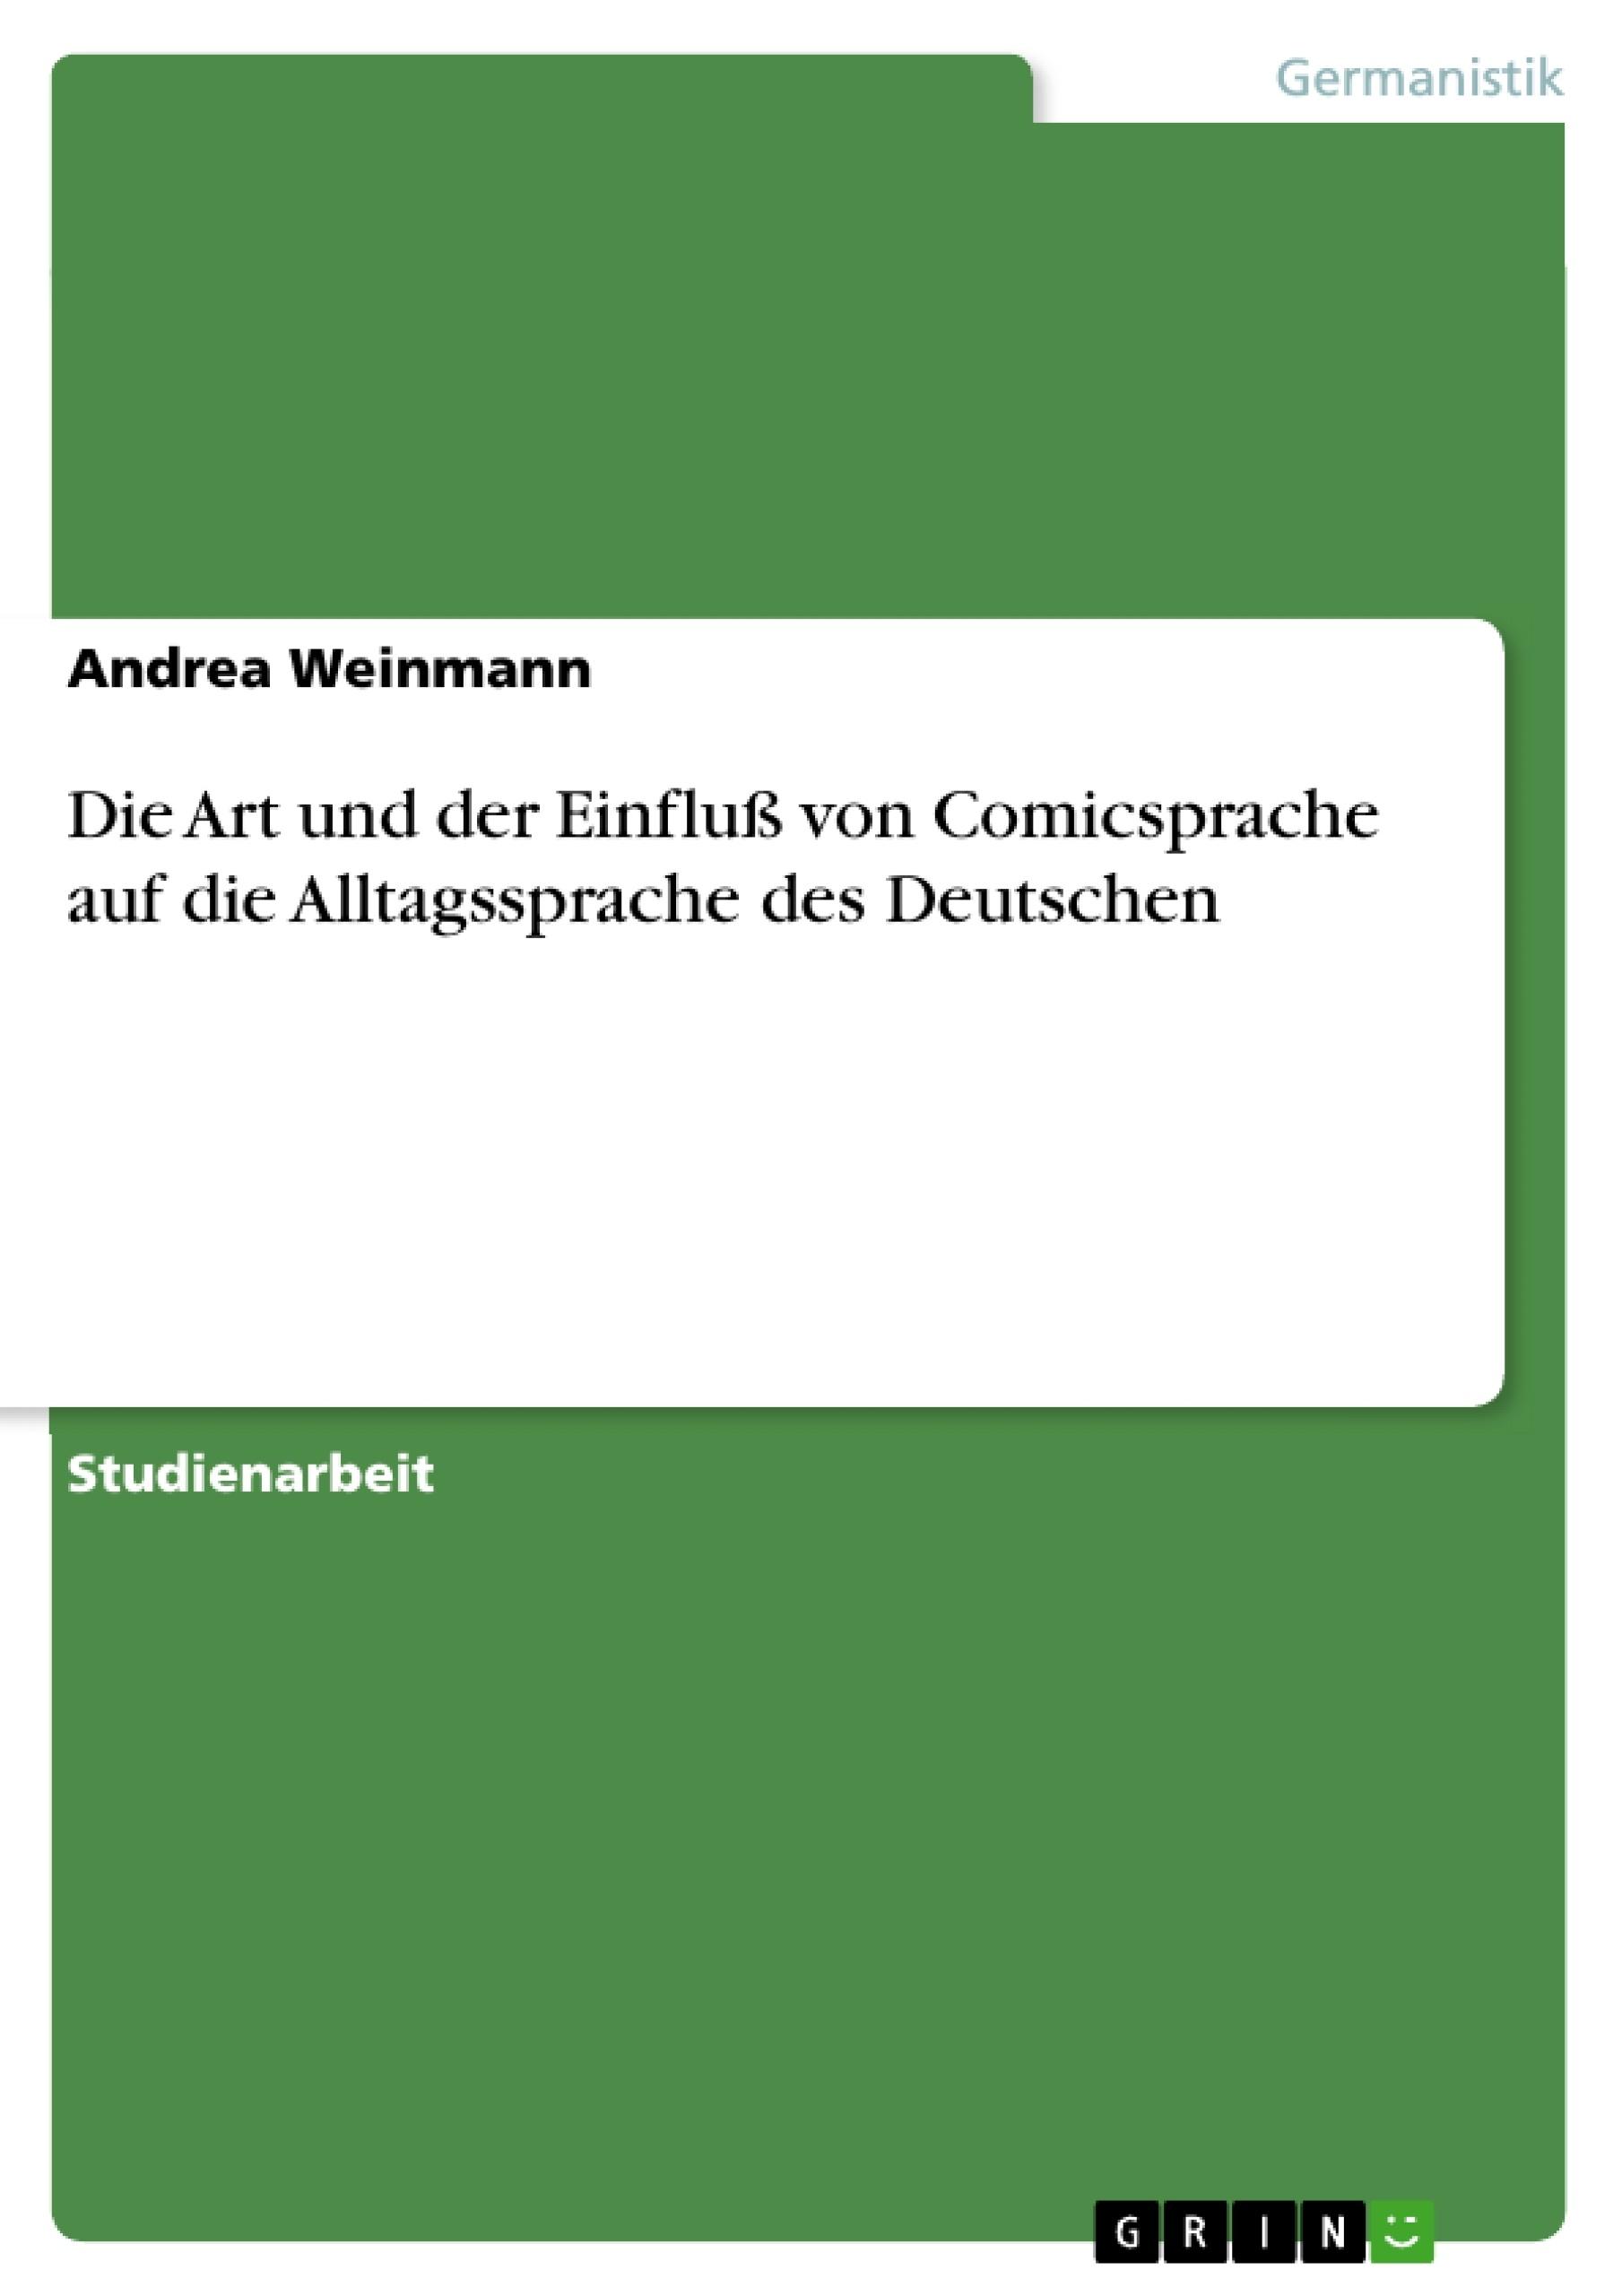 Titel: Die Art und der Einfluß von Comicsprache auf die Alltagssprache des Deutschen